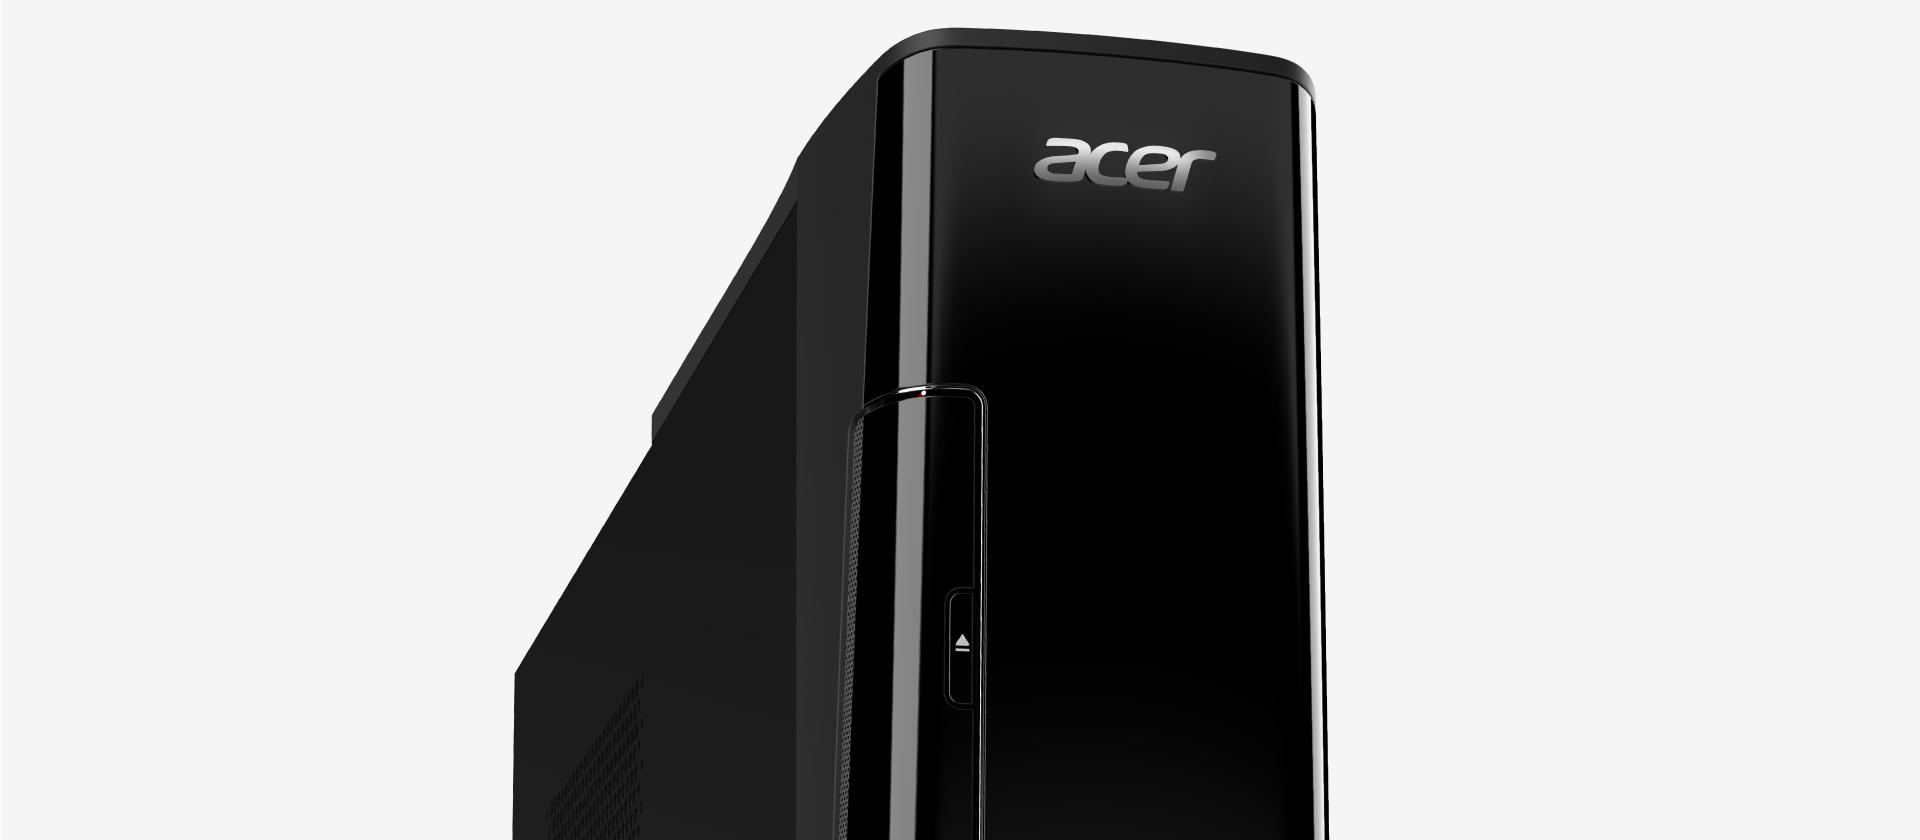 Aspire XC ksp - Powerful Hardware - Large